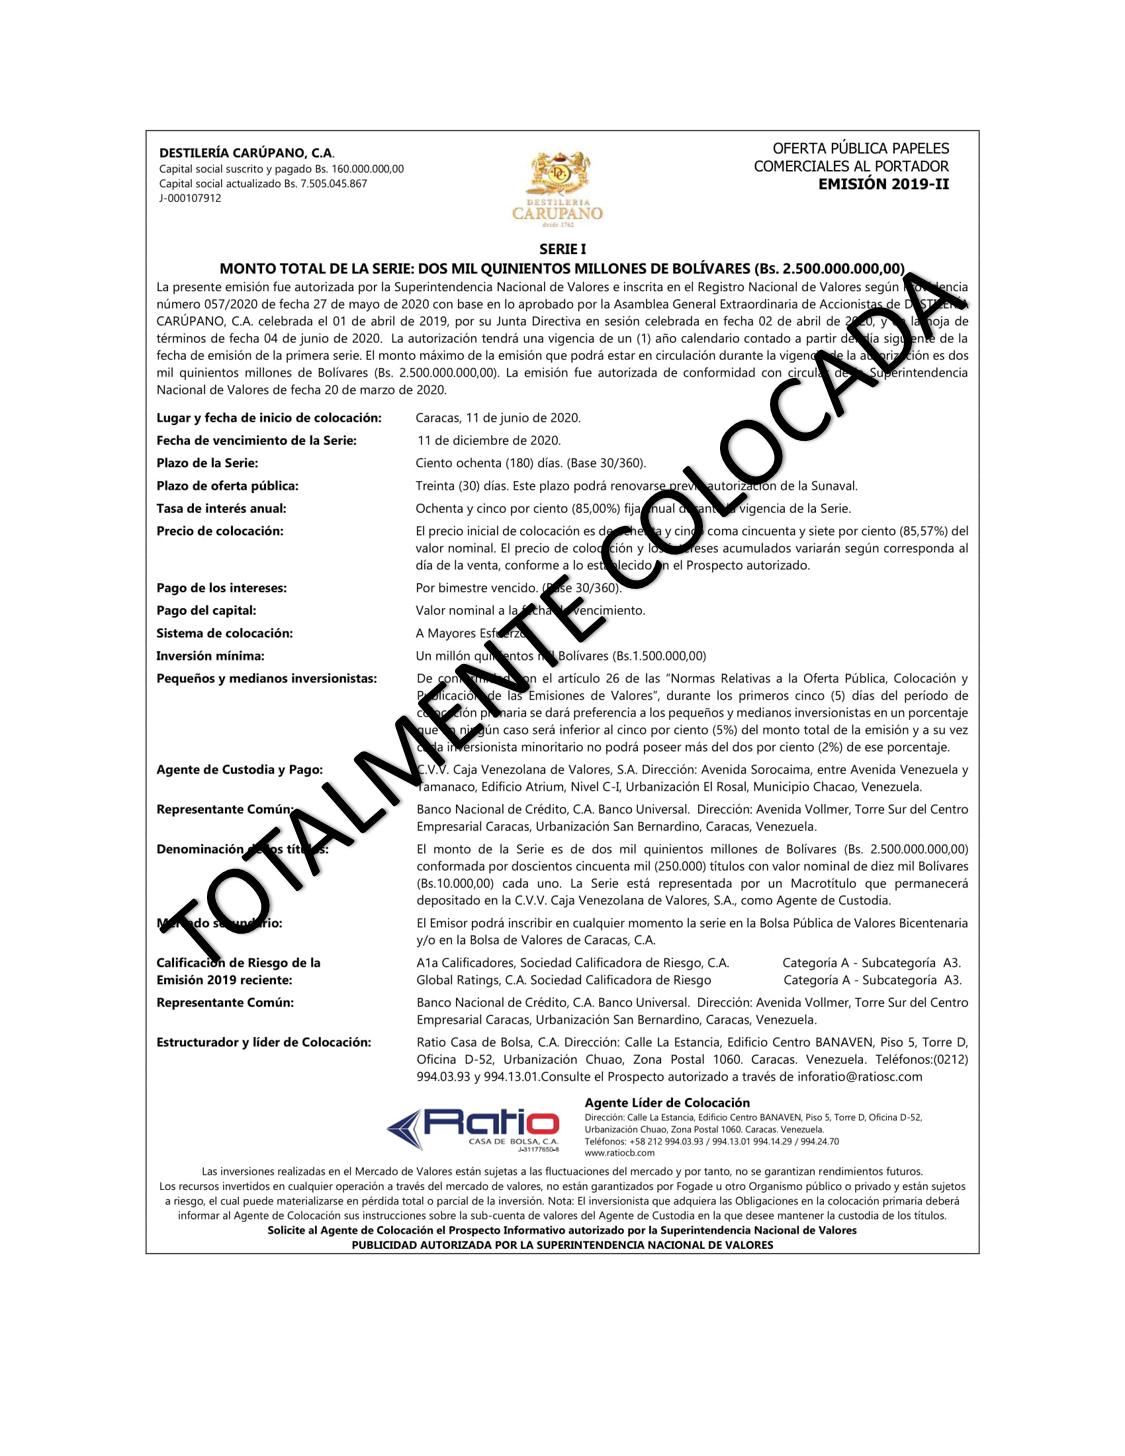 CARUPANO Tot Colocada - SERIE 2019-II